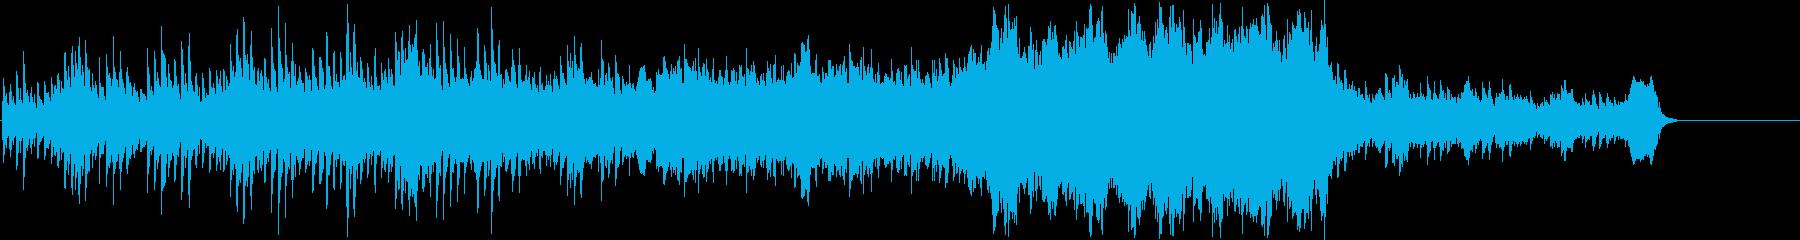 動画 サスペンス 繰り返しの ad...の再生済みの波形